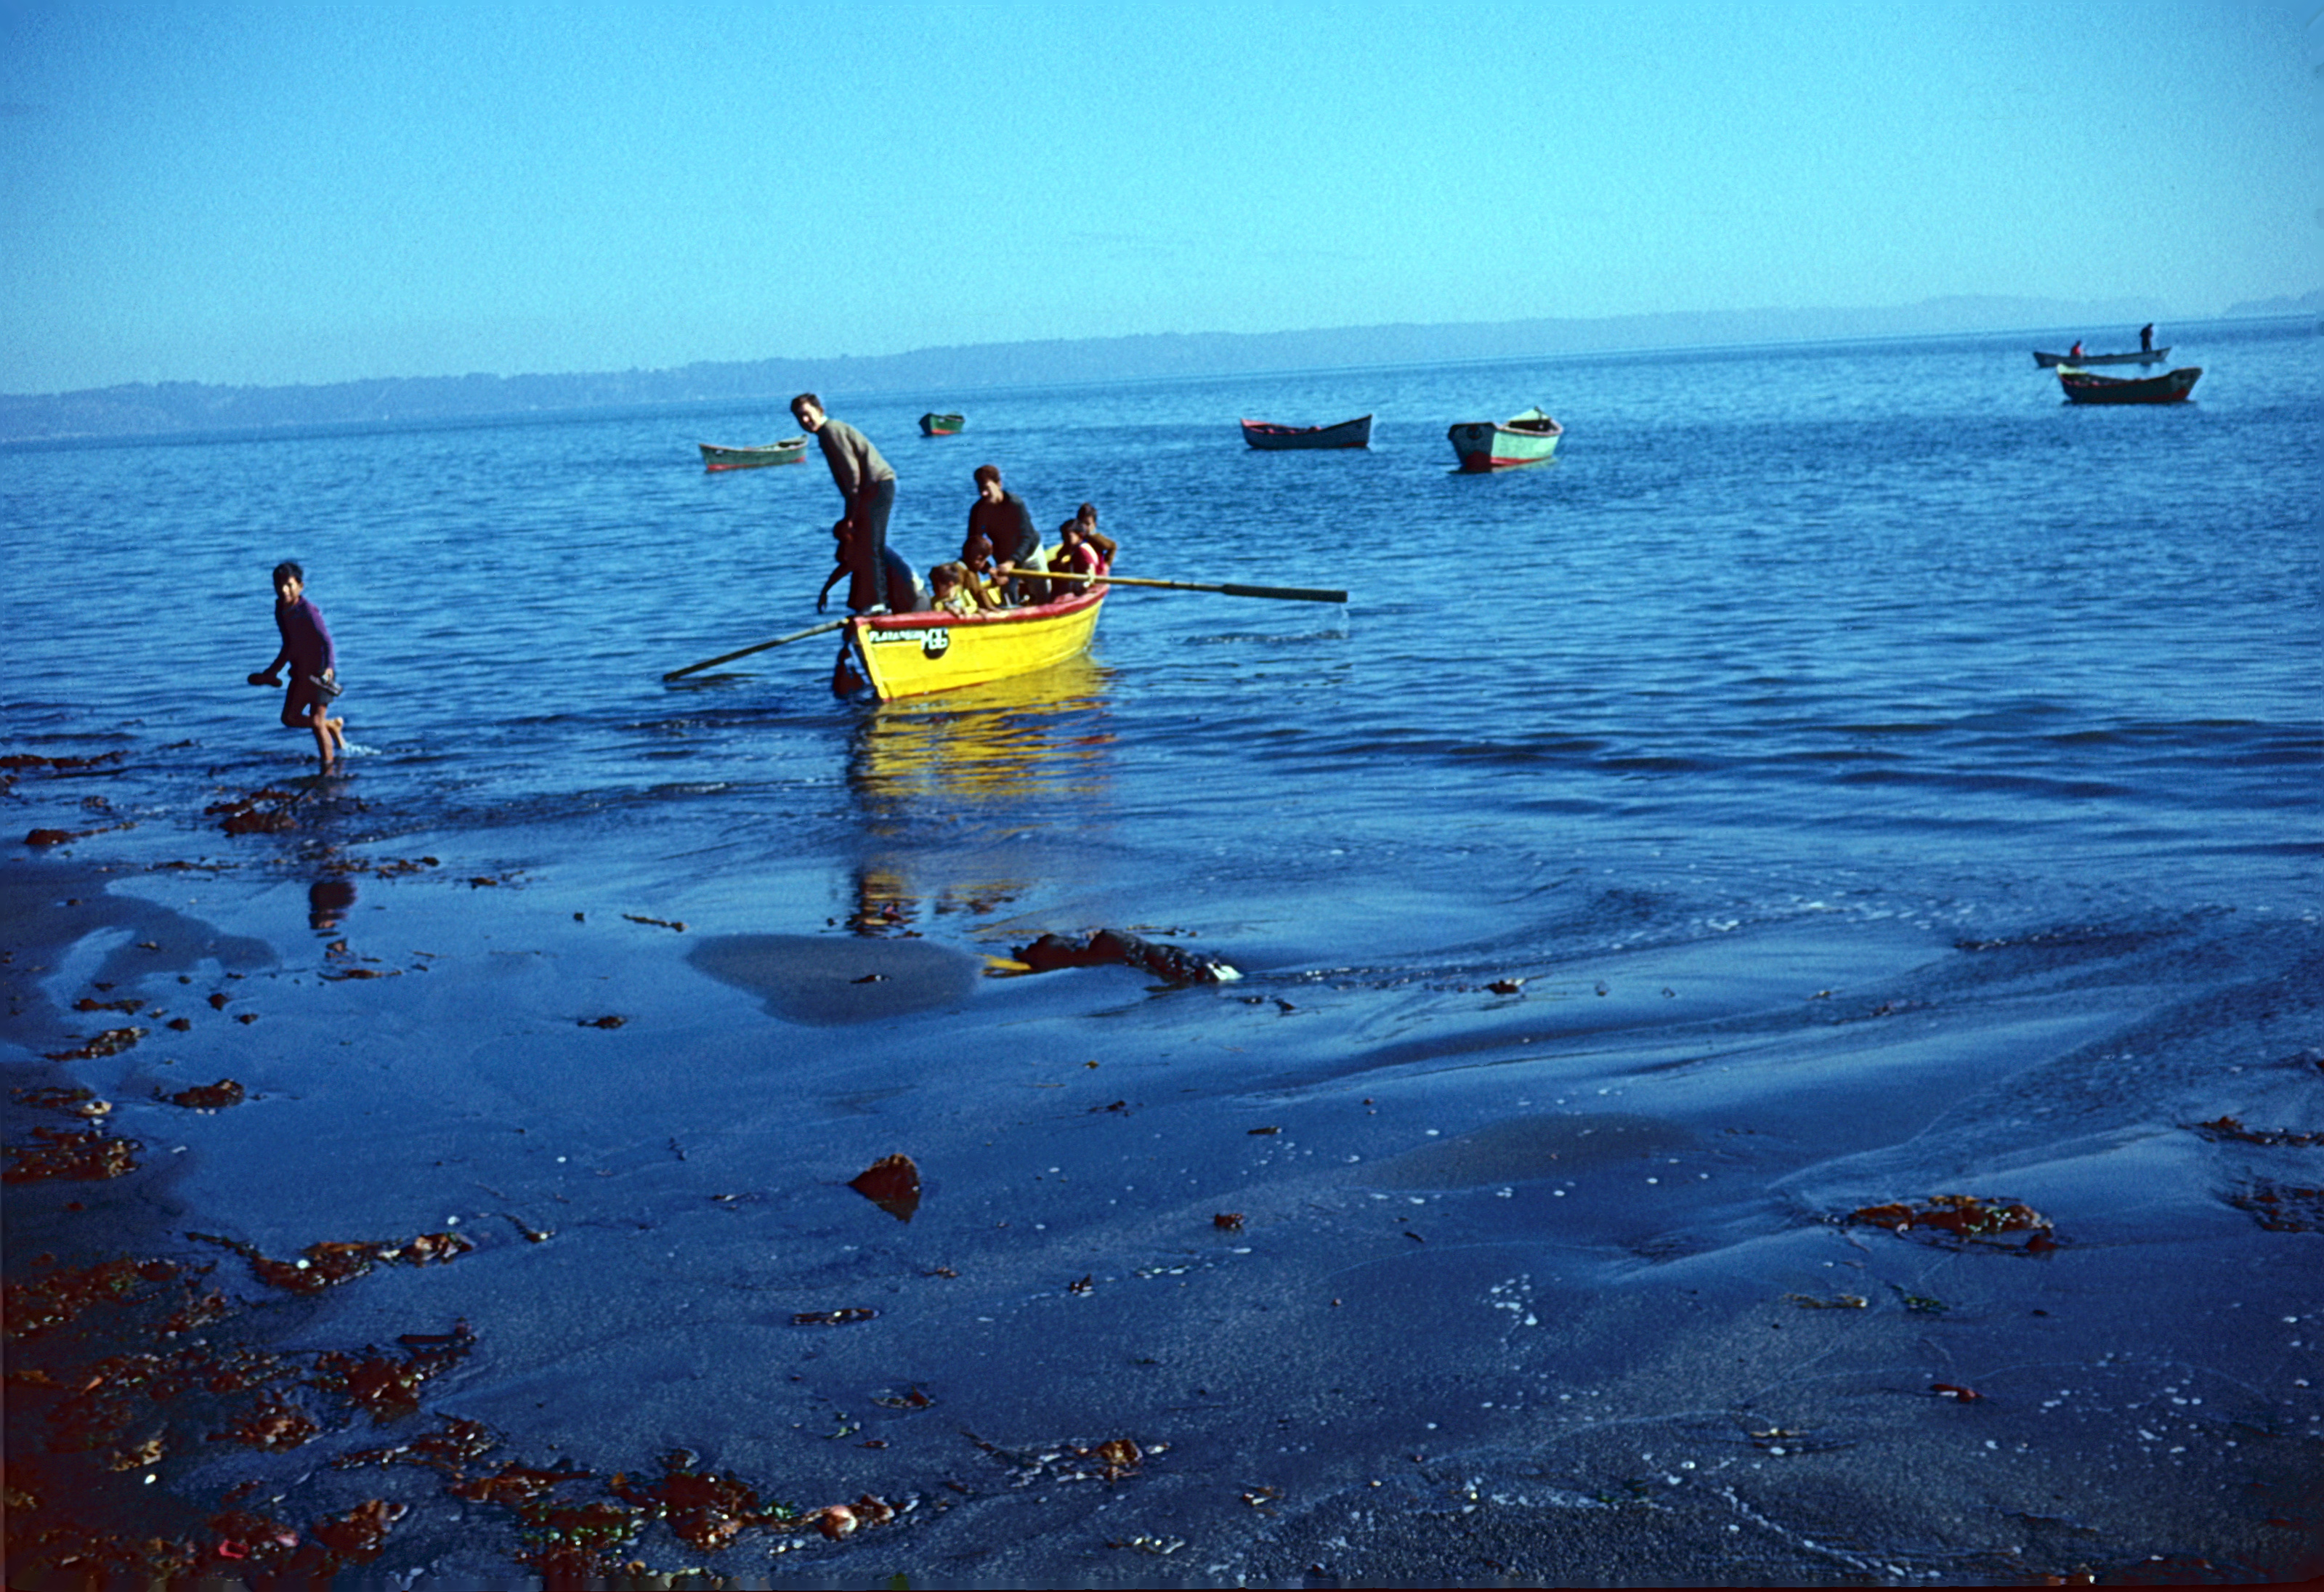 Enterreno - Fotos históricas de chile - fotos antiguas de Chile - Puerto Montt en los años 60s.